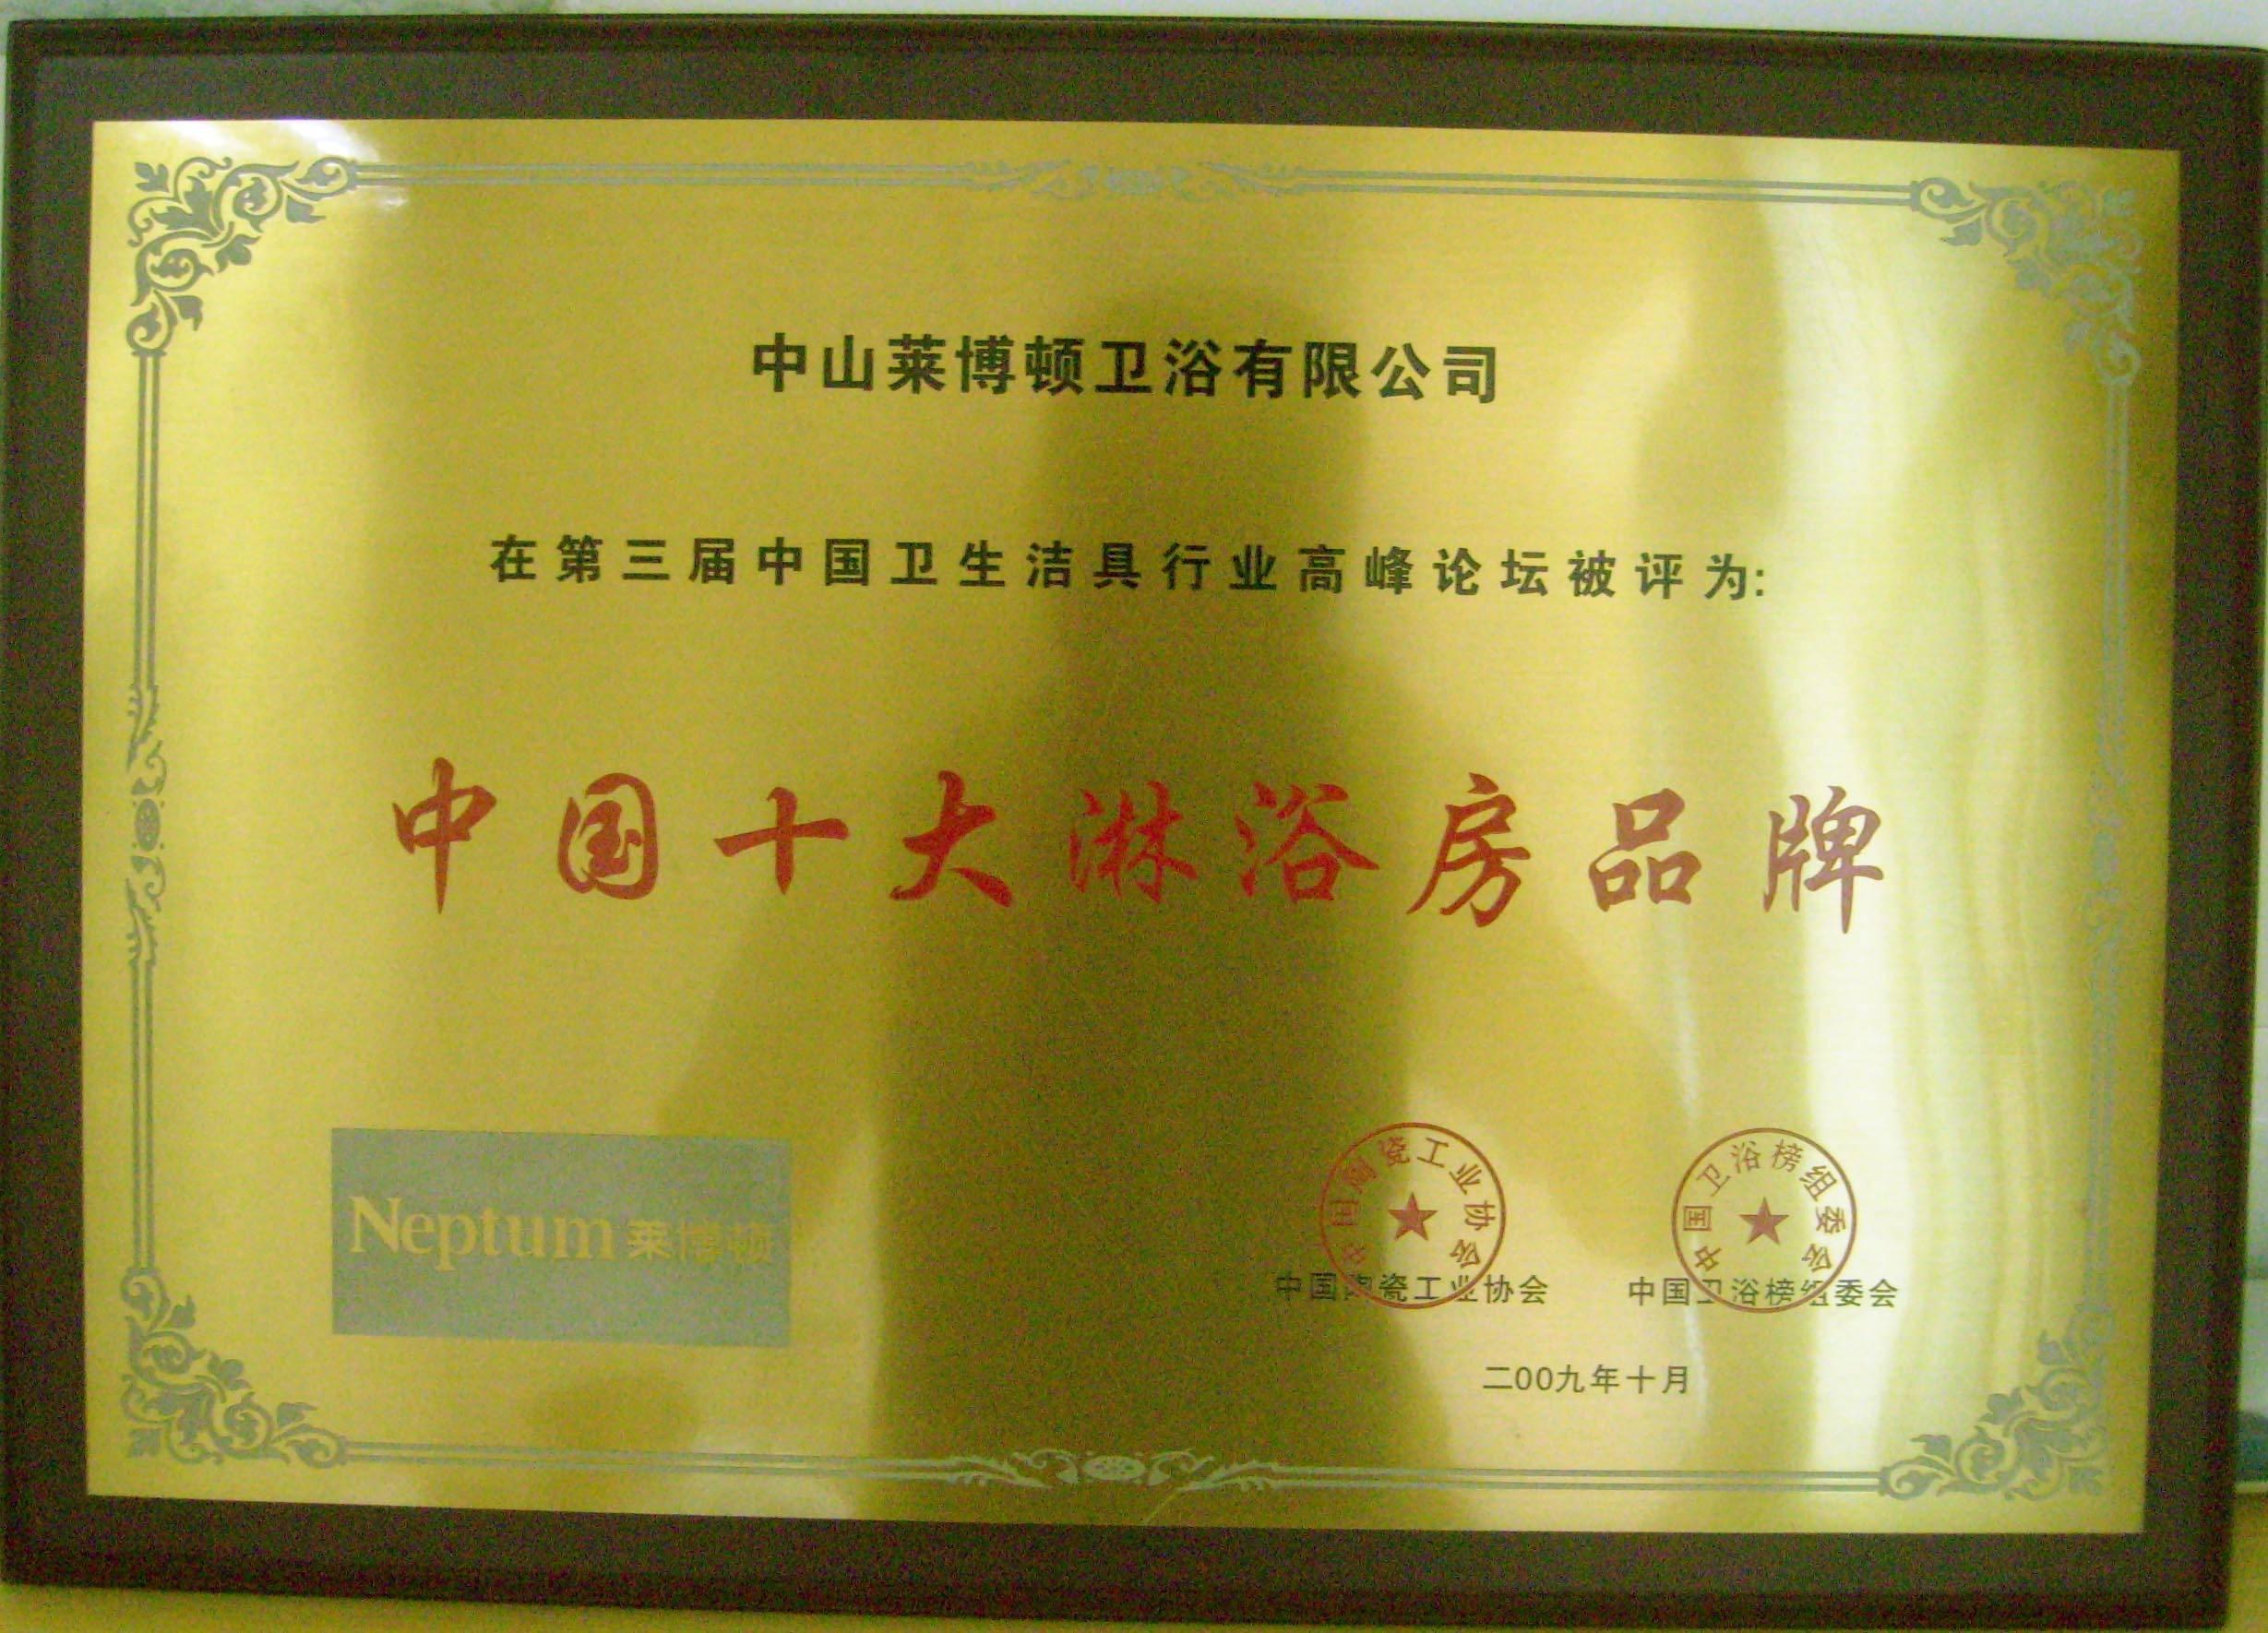 中山莱博顿淋浴房荣获2009年 中国十大淋浴房品牌 高清图片